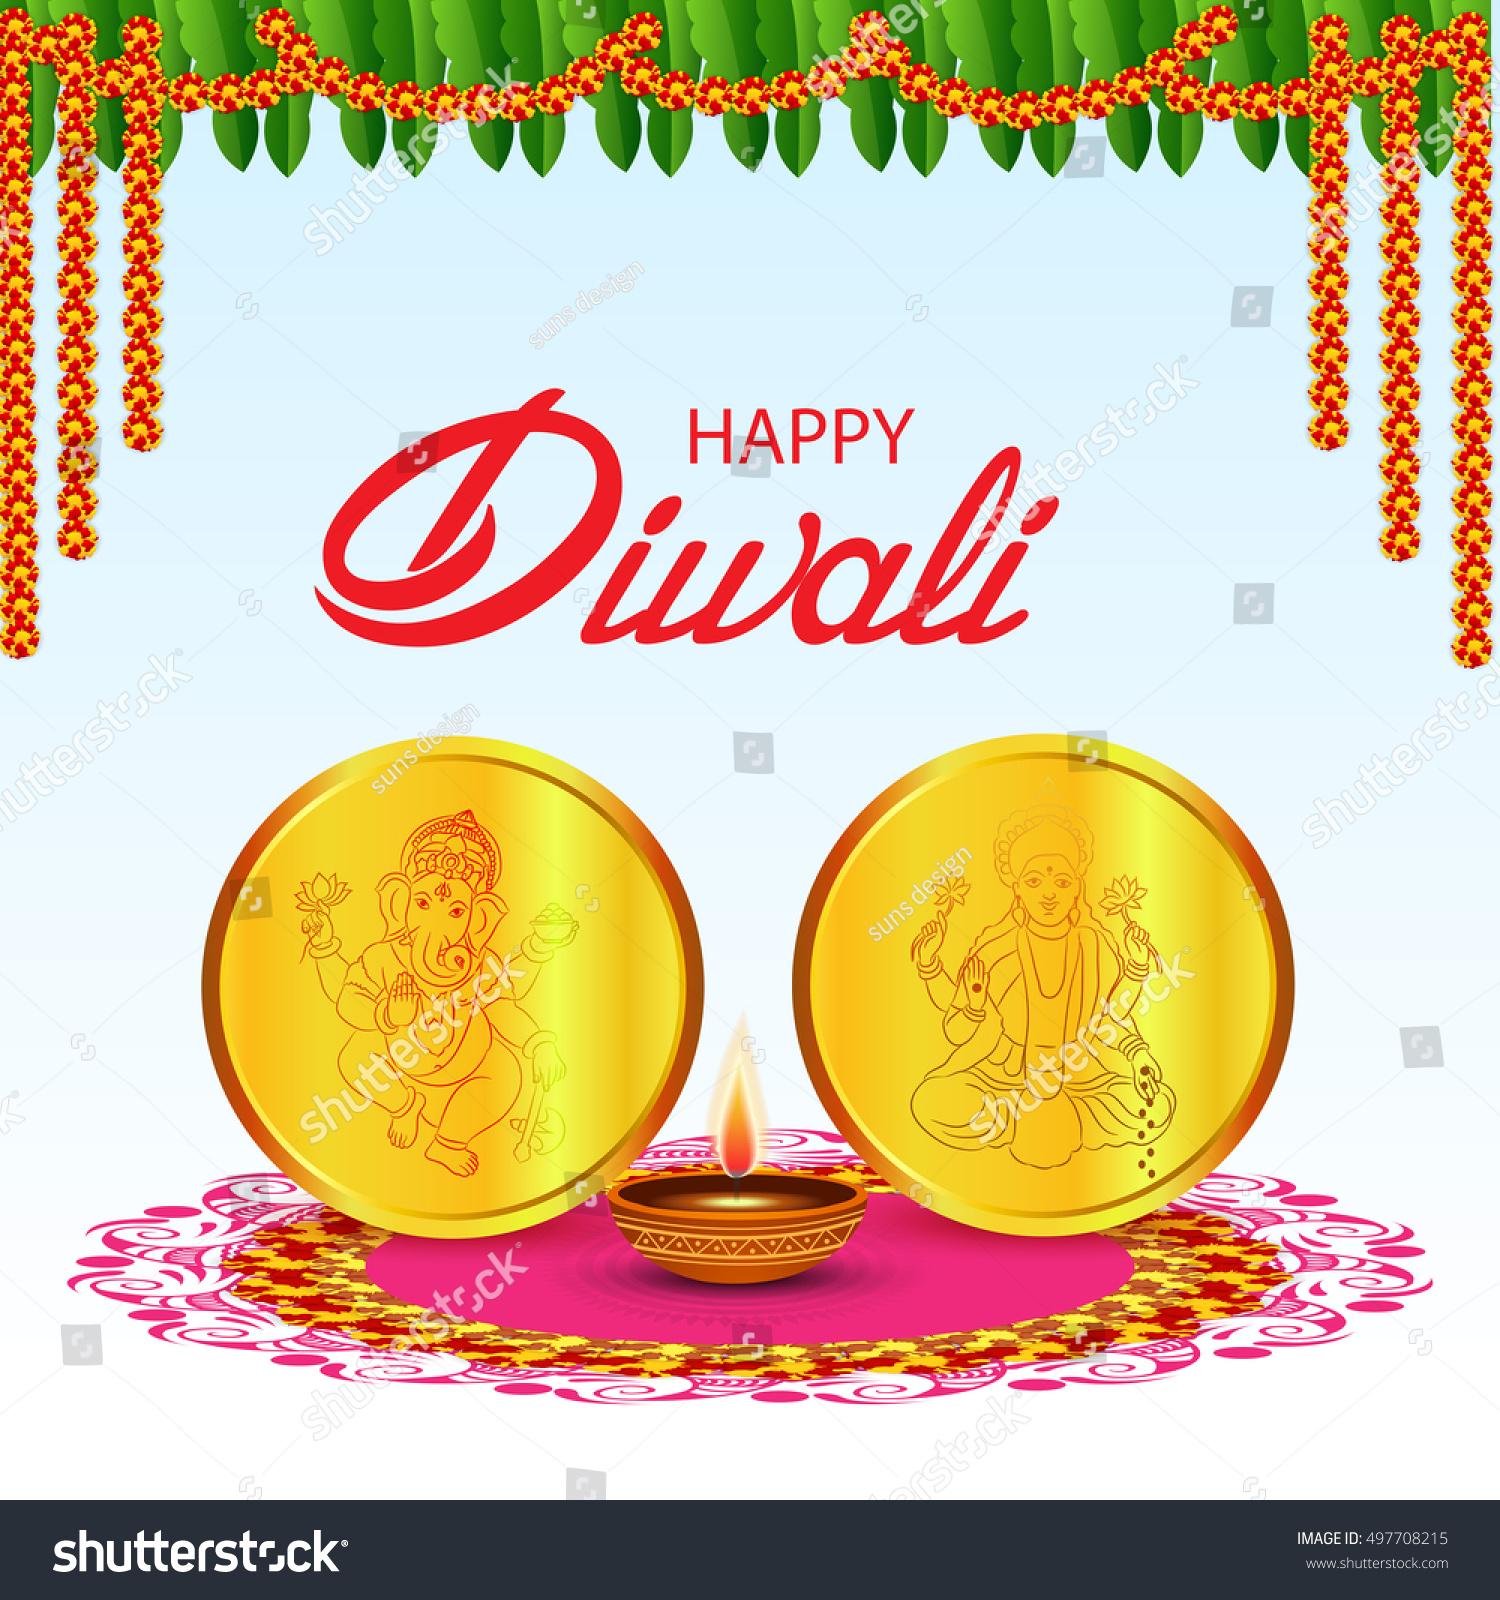 Vector illustration of a banner or poster for festival of diwali celebration background